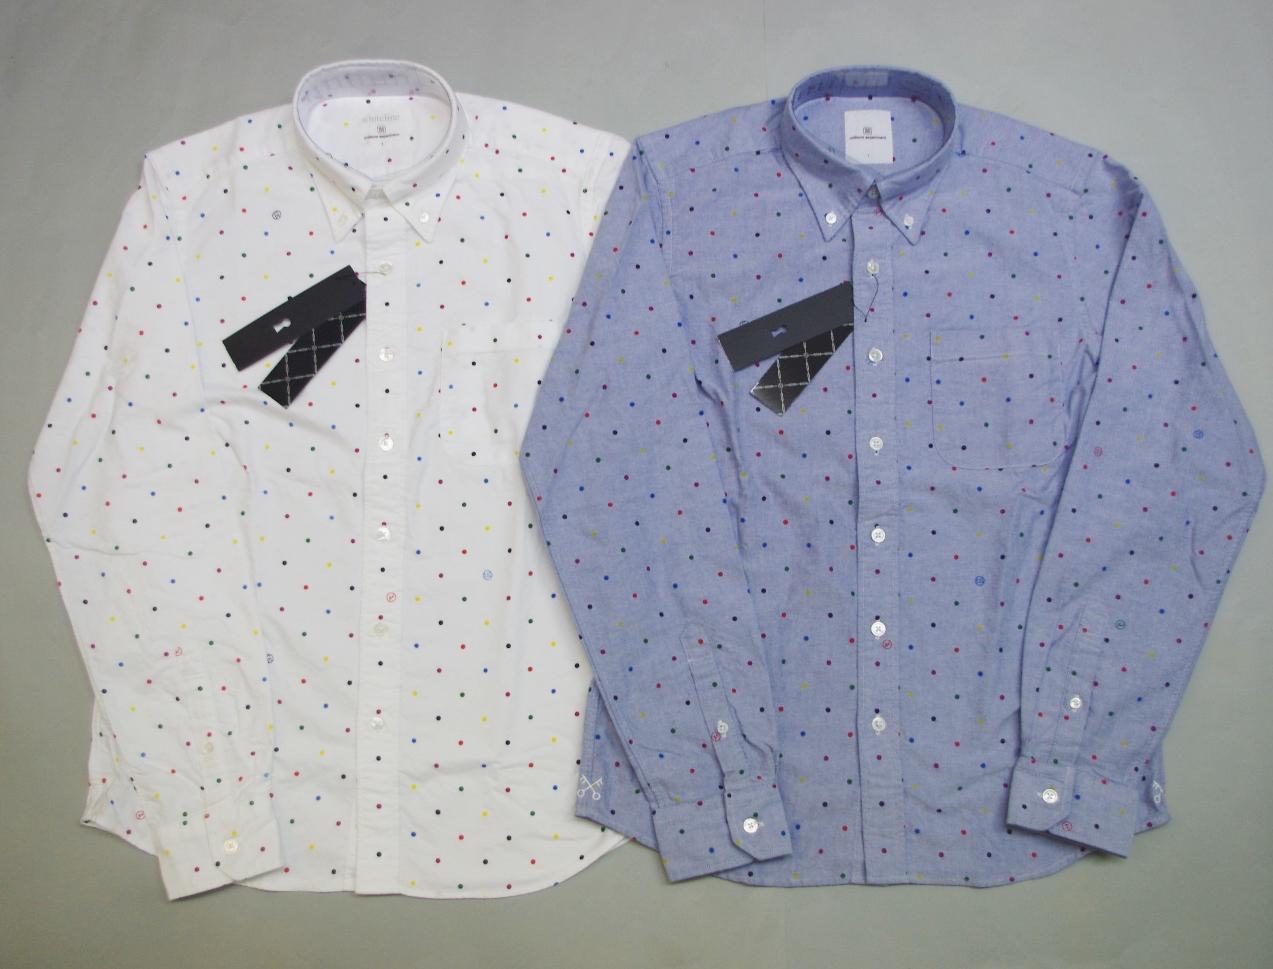 SHIRT ドットシャツ COLOR uniform B.D DOT 特価 experiment